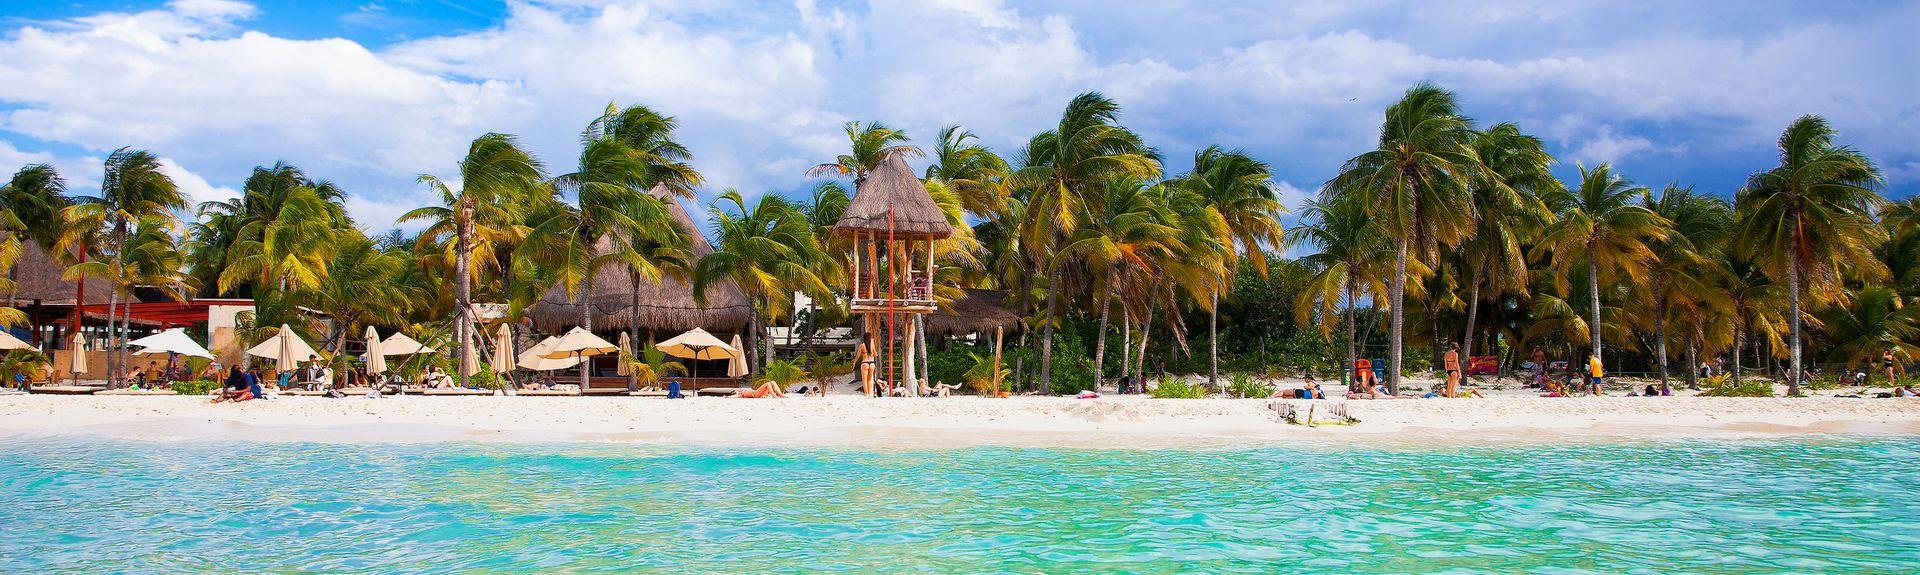 Isla Mujeres Municipality, Quintana Roo, Mexico